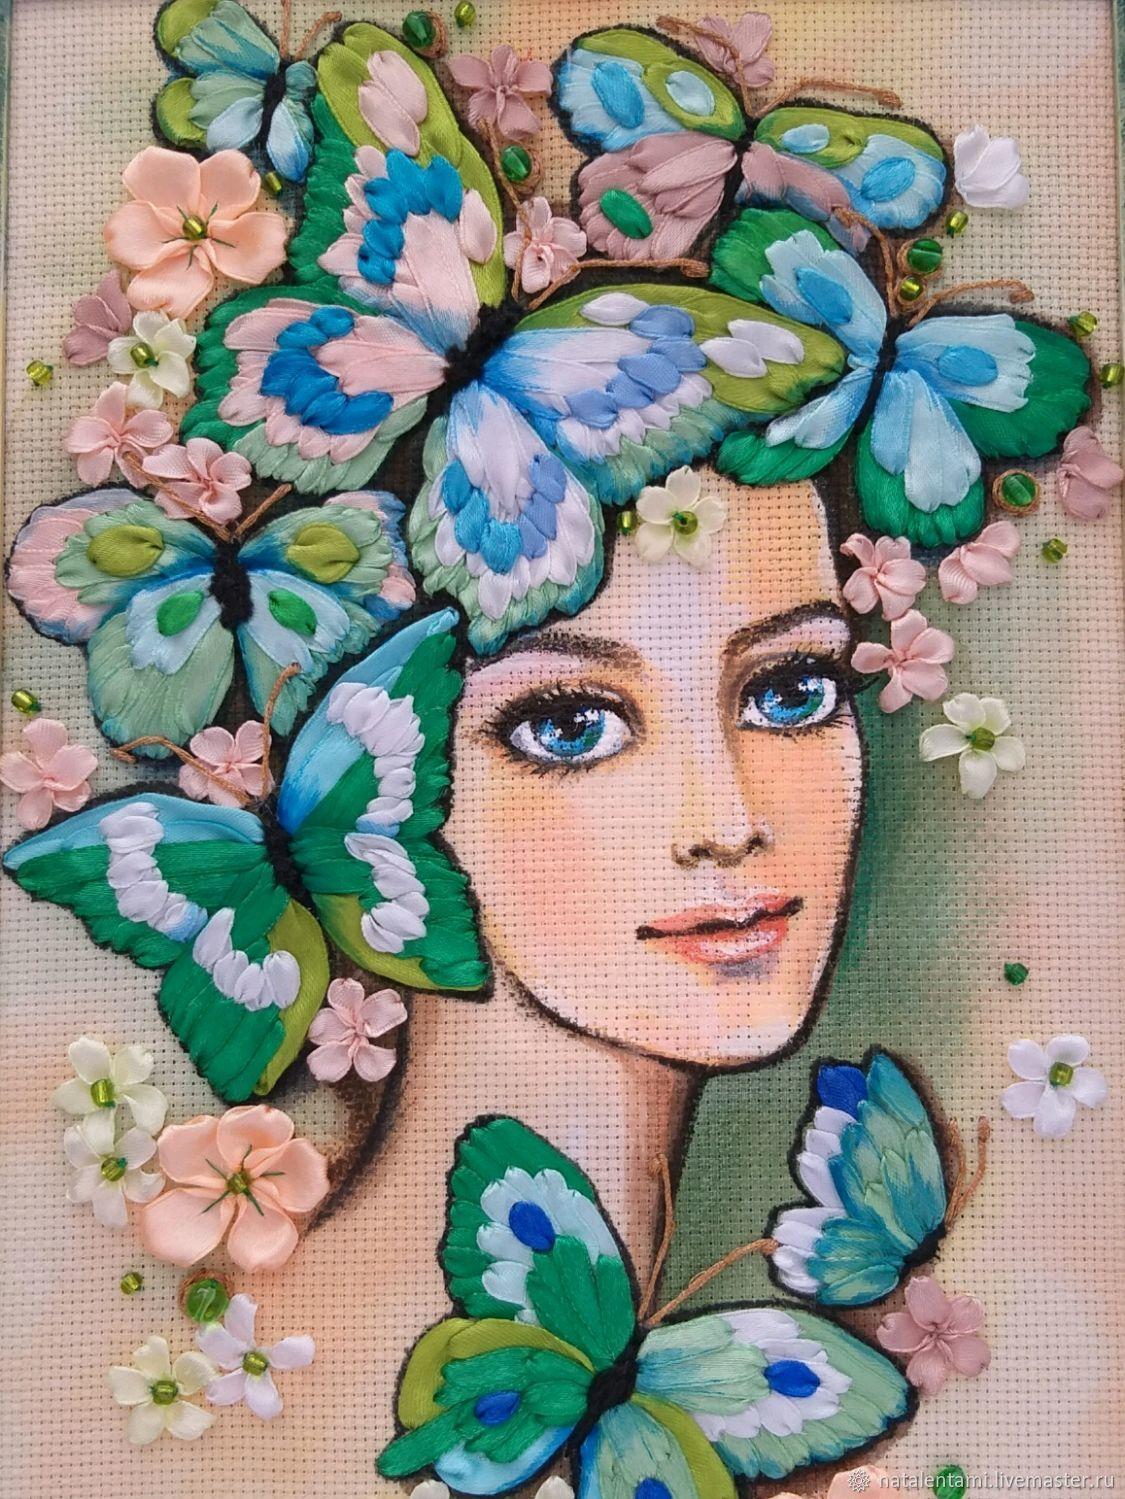 Картина Девушка с бабочками, Картины, Нижний Новгород,  Фото №1